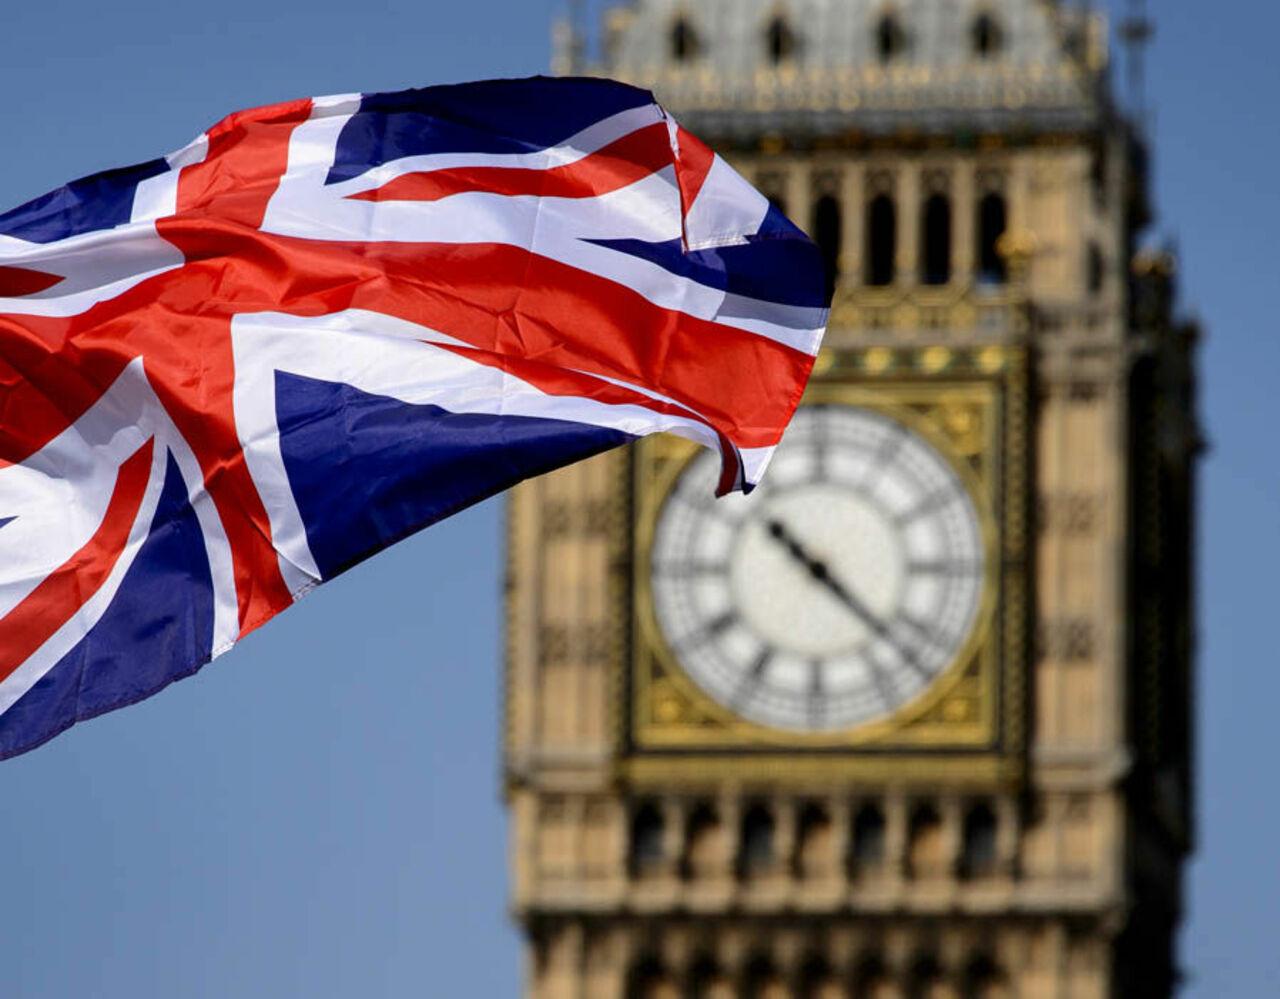 Англия  планирует выйти из европейского союза  вначале весны  2019г.